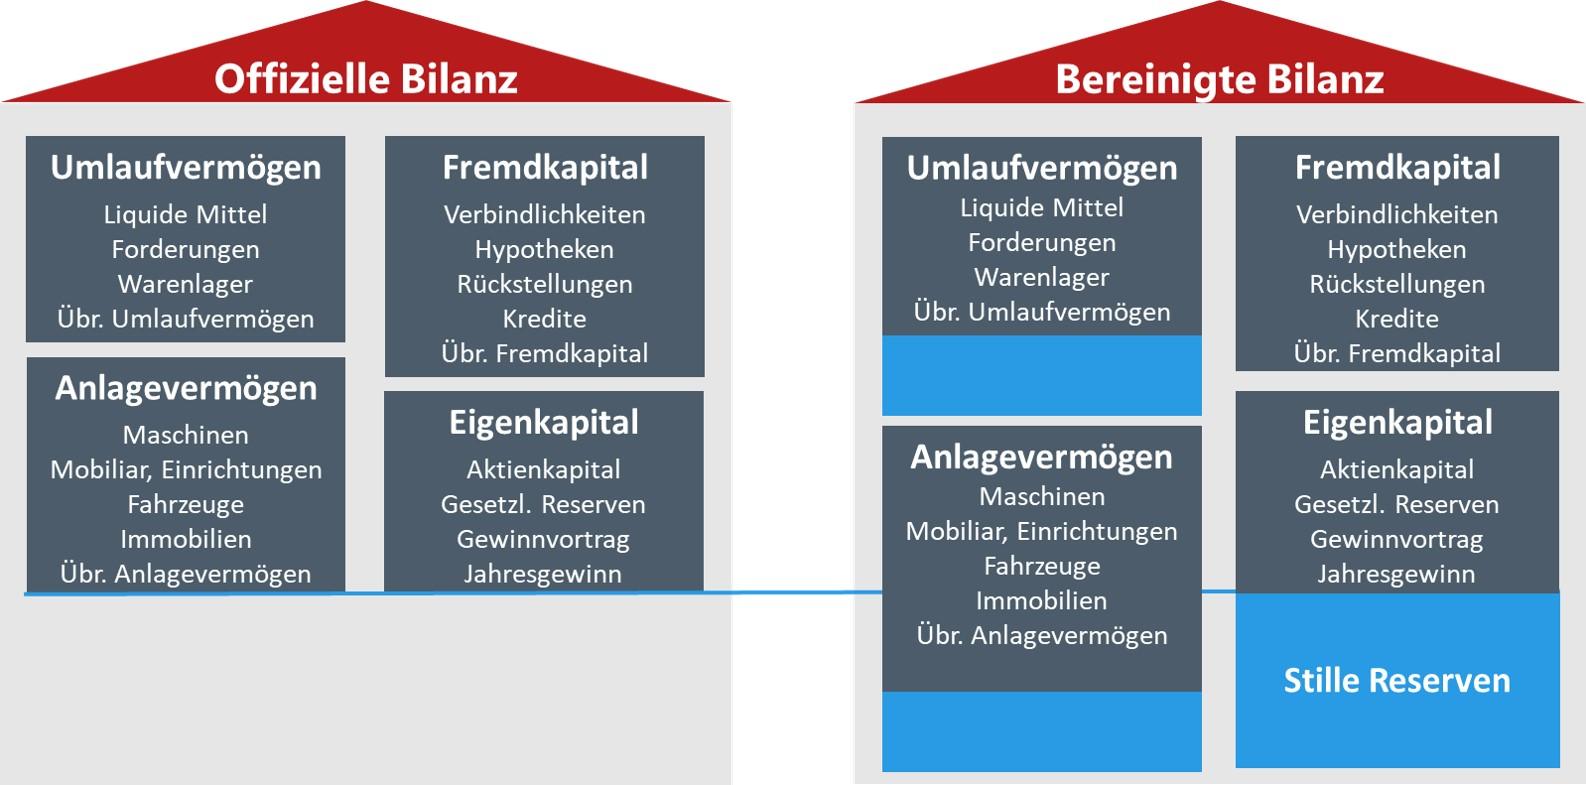 Bilanz für Nachfolgefinanzierung vorbereiten